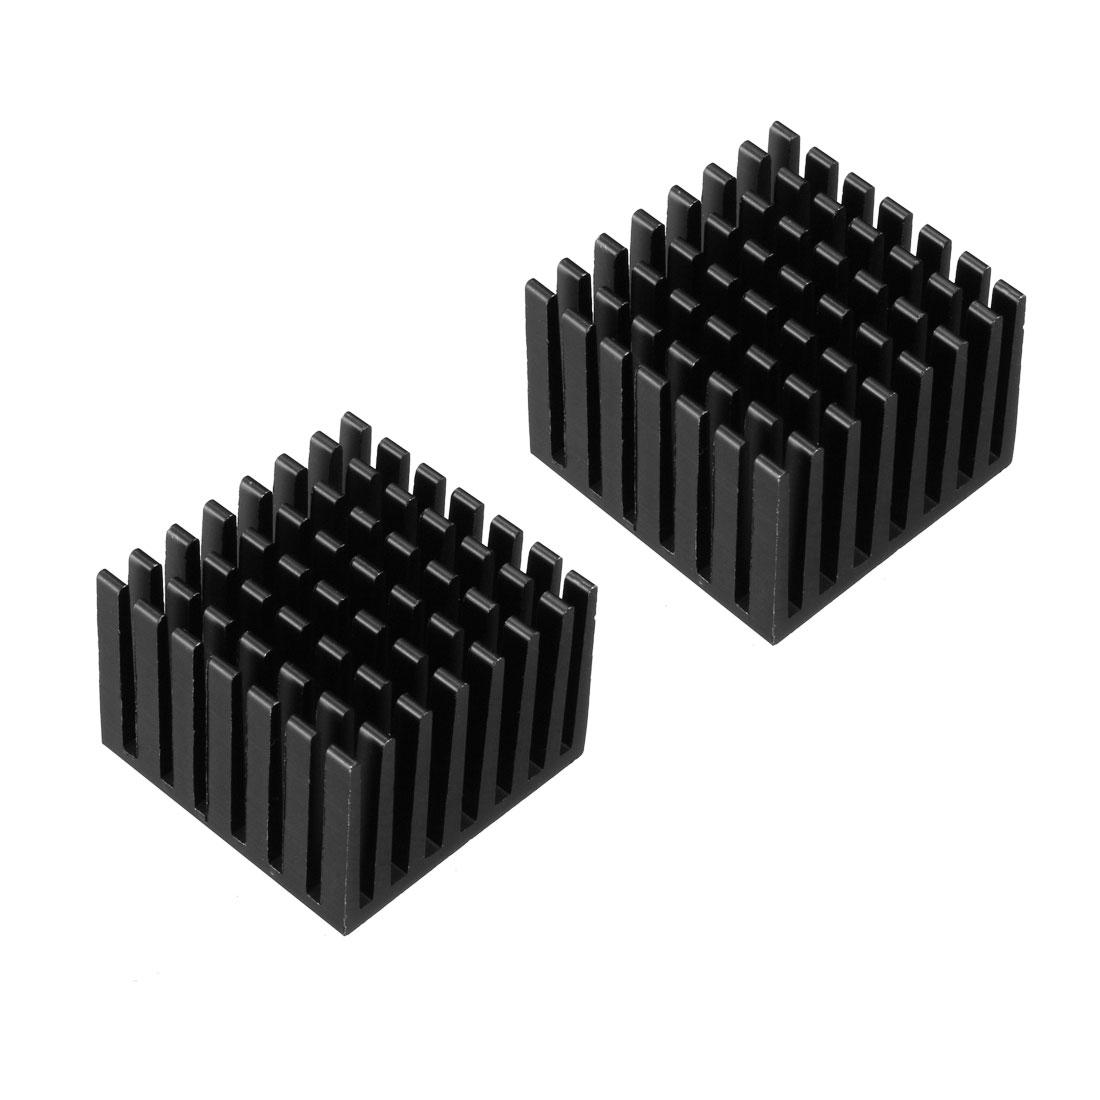 Aluminum Heatsink Cooler Circuit Board Cooling Fin Black 28mmx28mmx20mm 2Pcs